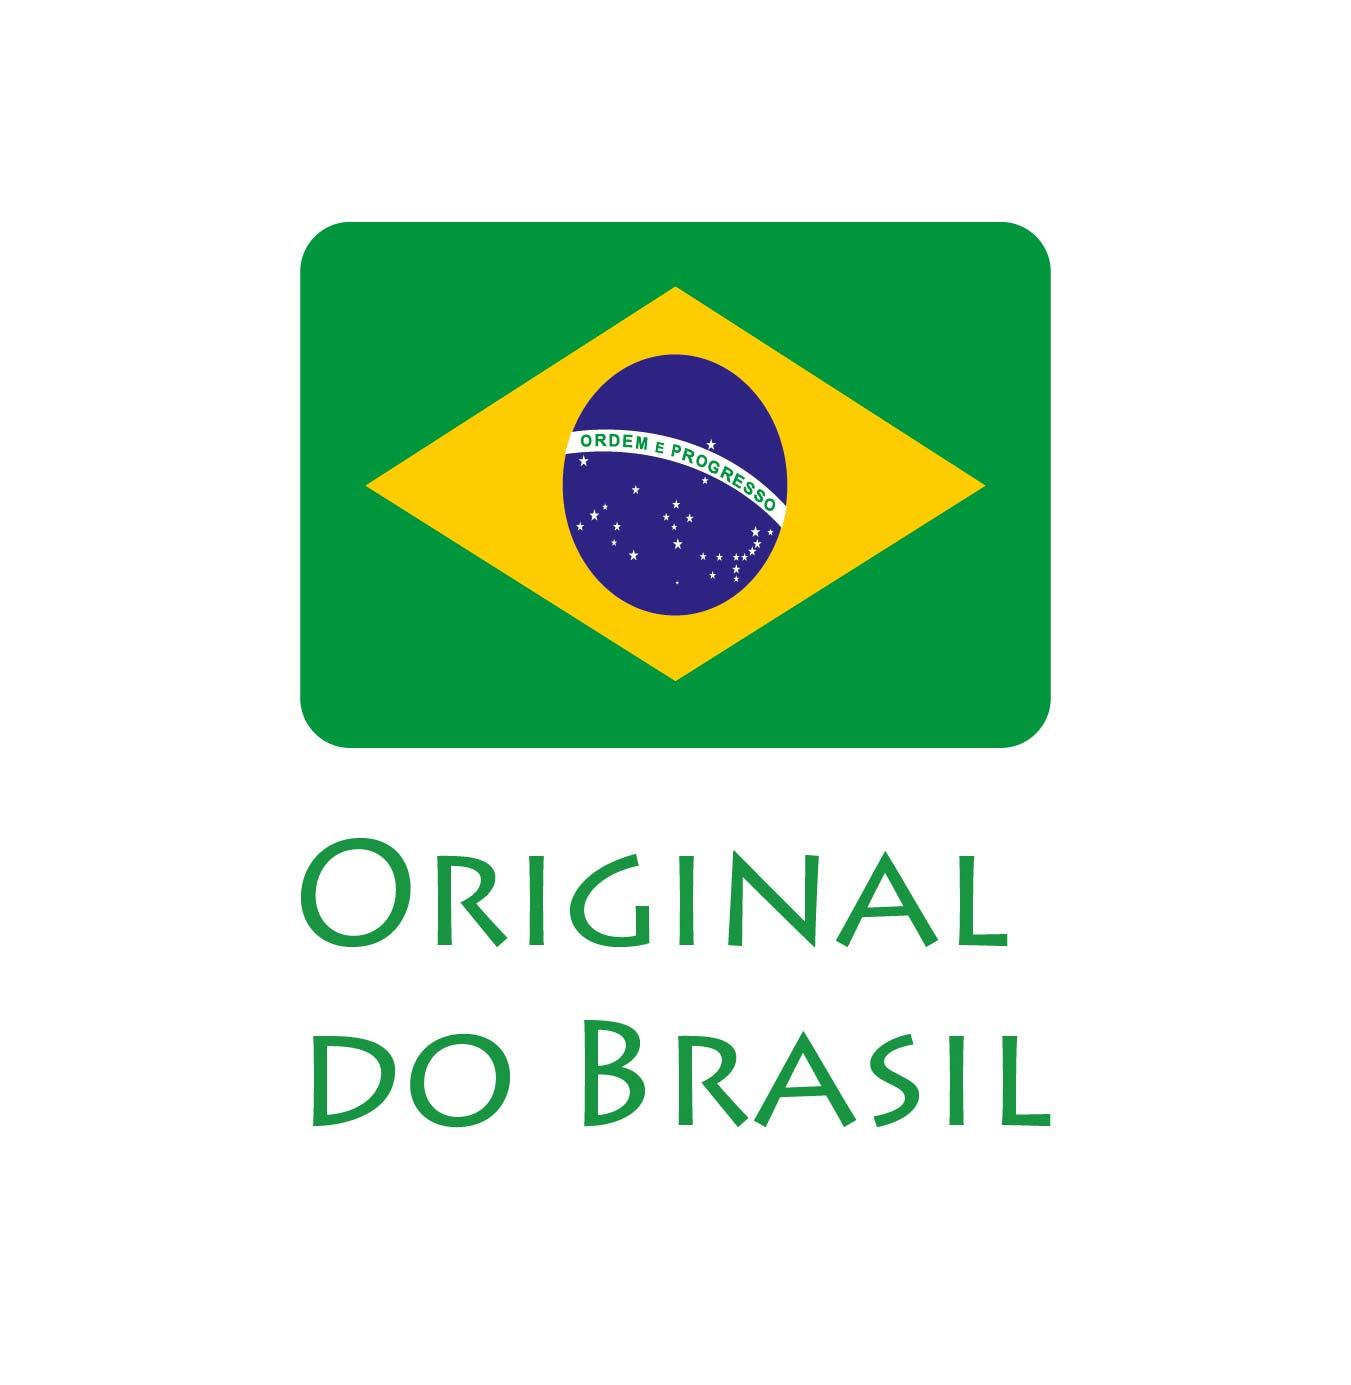 amazonas-brasilien-label